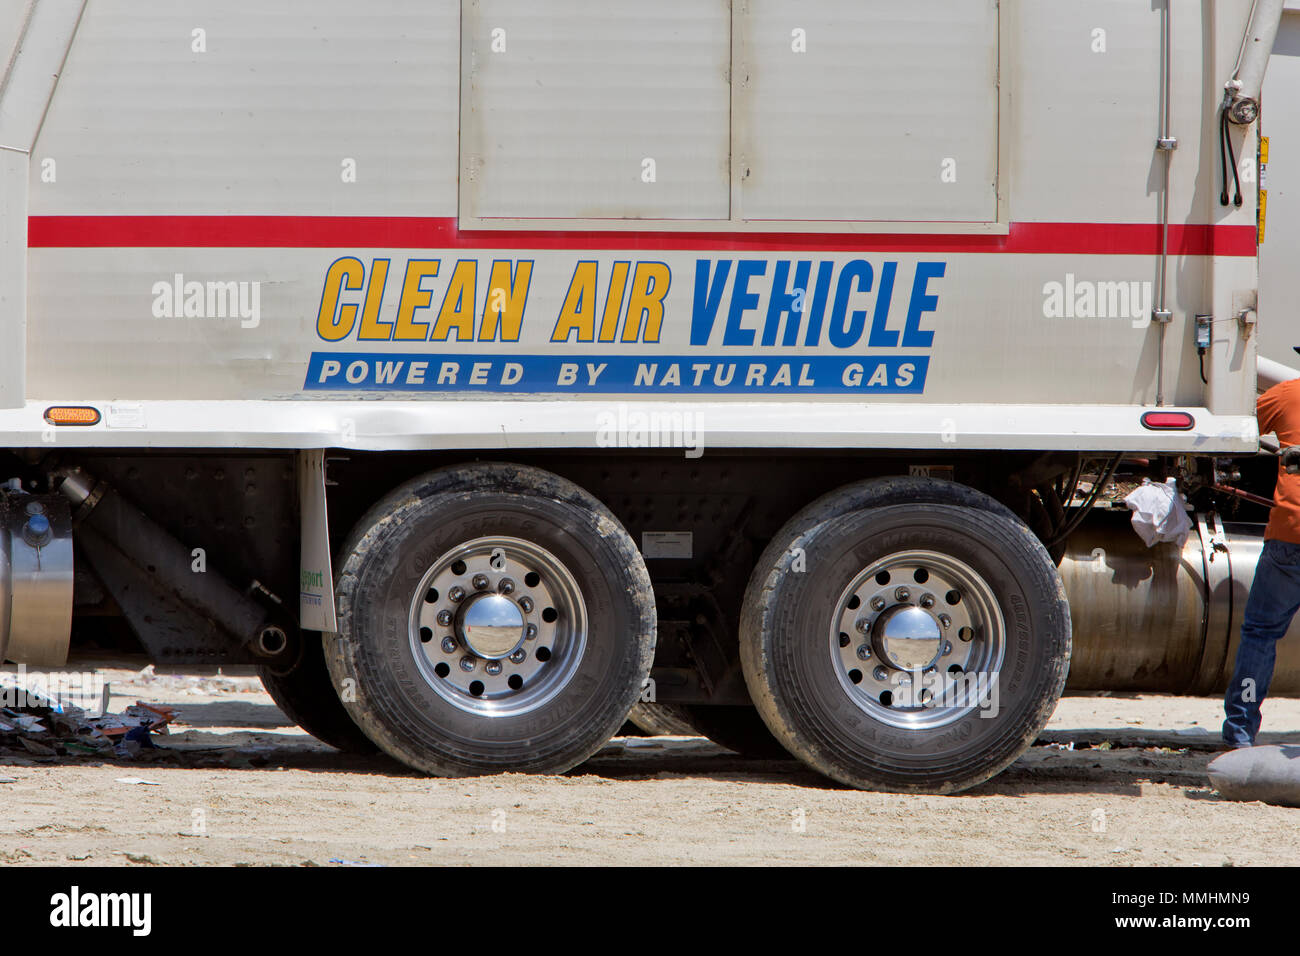 'Air pur' - 'véhicule propulsé au gaz naturel', le transport par camion poubelle locale ato enfouissement sanitaire. Photo Stock